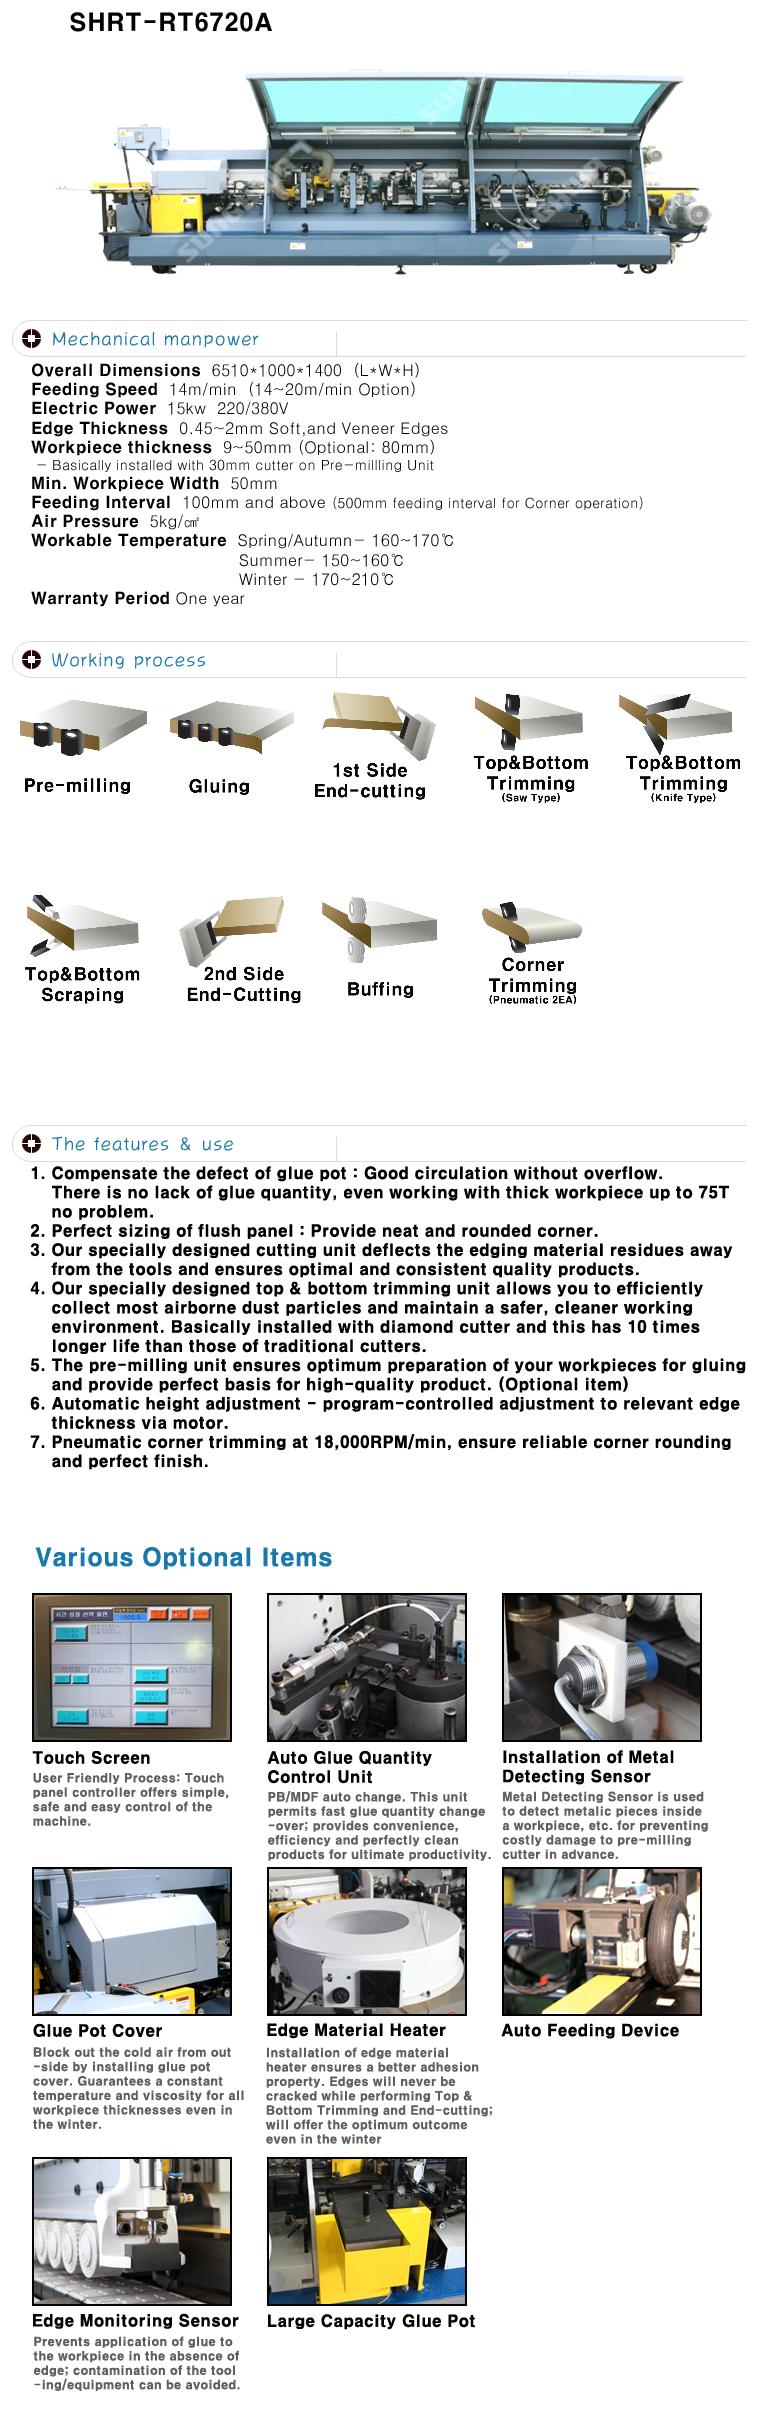 SUNG HWA WOOD Premium Edge banding Machine SHRT-RT6720A